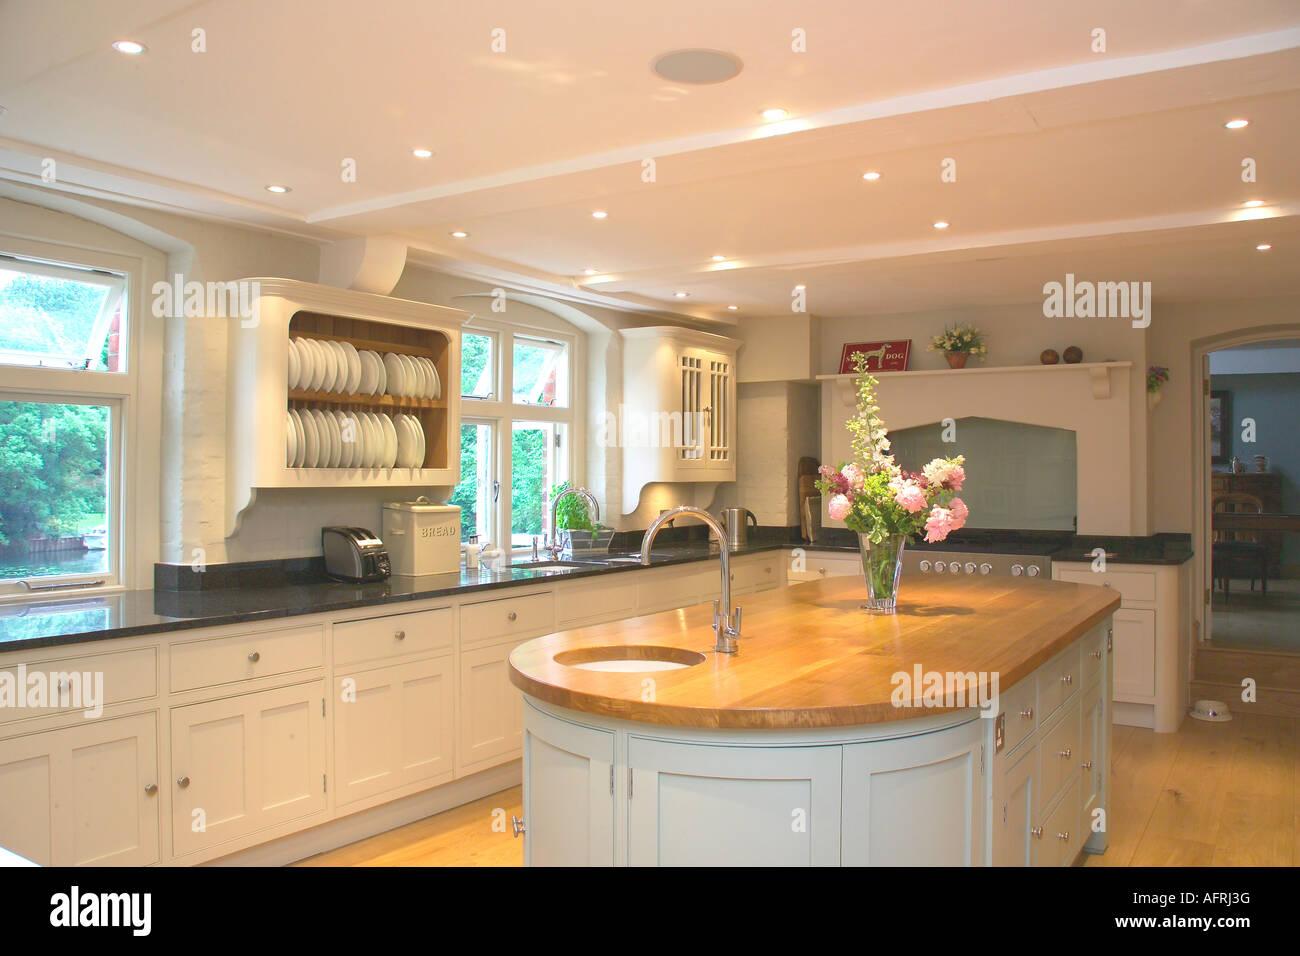 Incasso a soffitto in illuminazione bianca e moderna cucina con